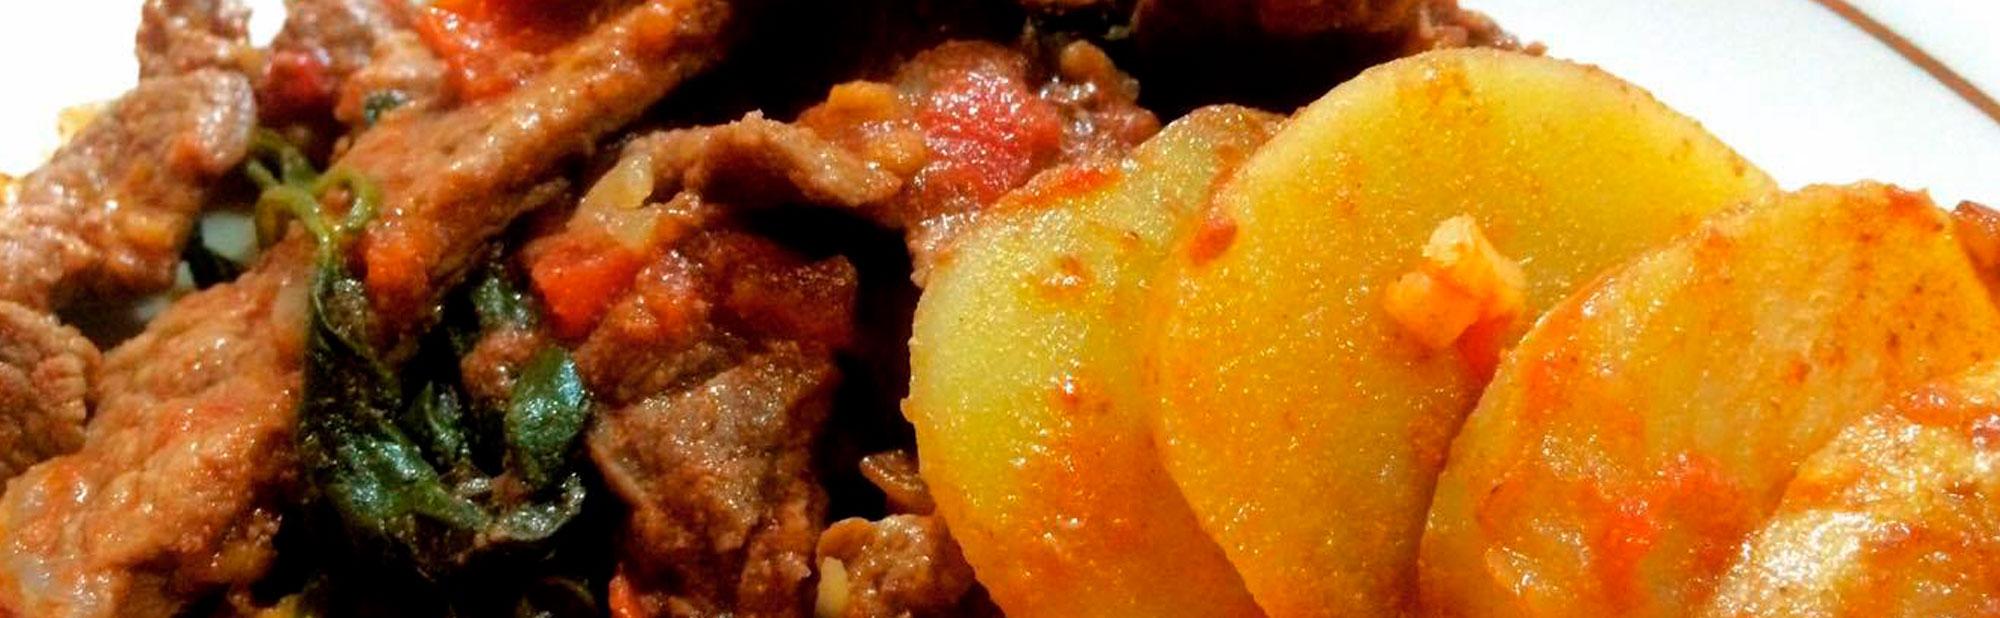 La Antojadera | Costillas de puerco con nopales en chile rojo